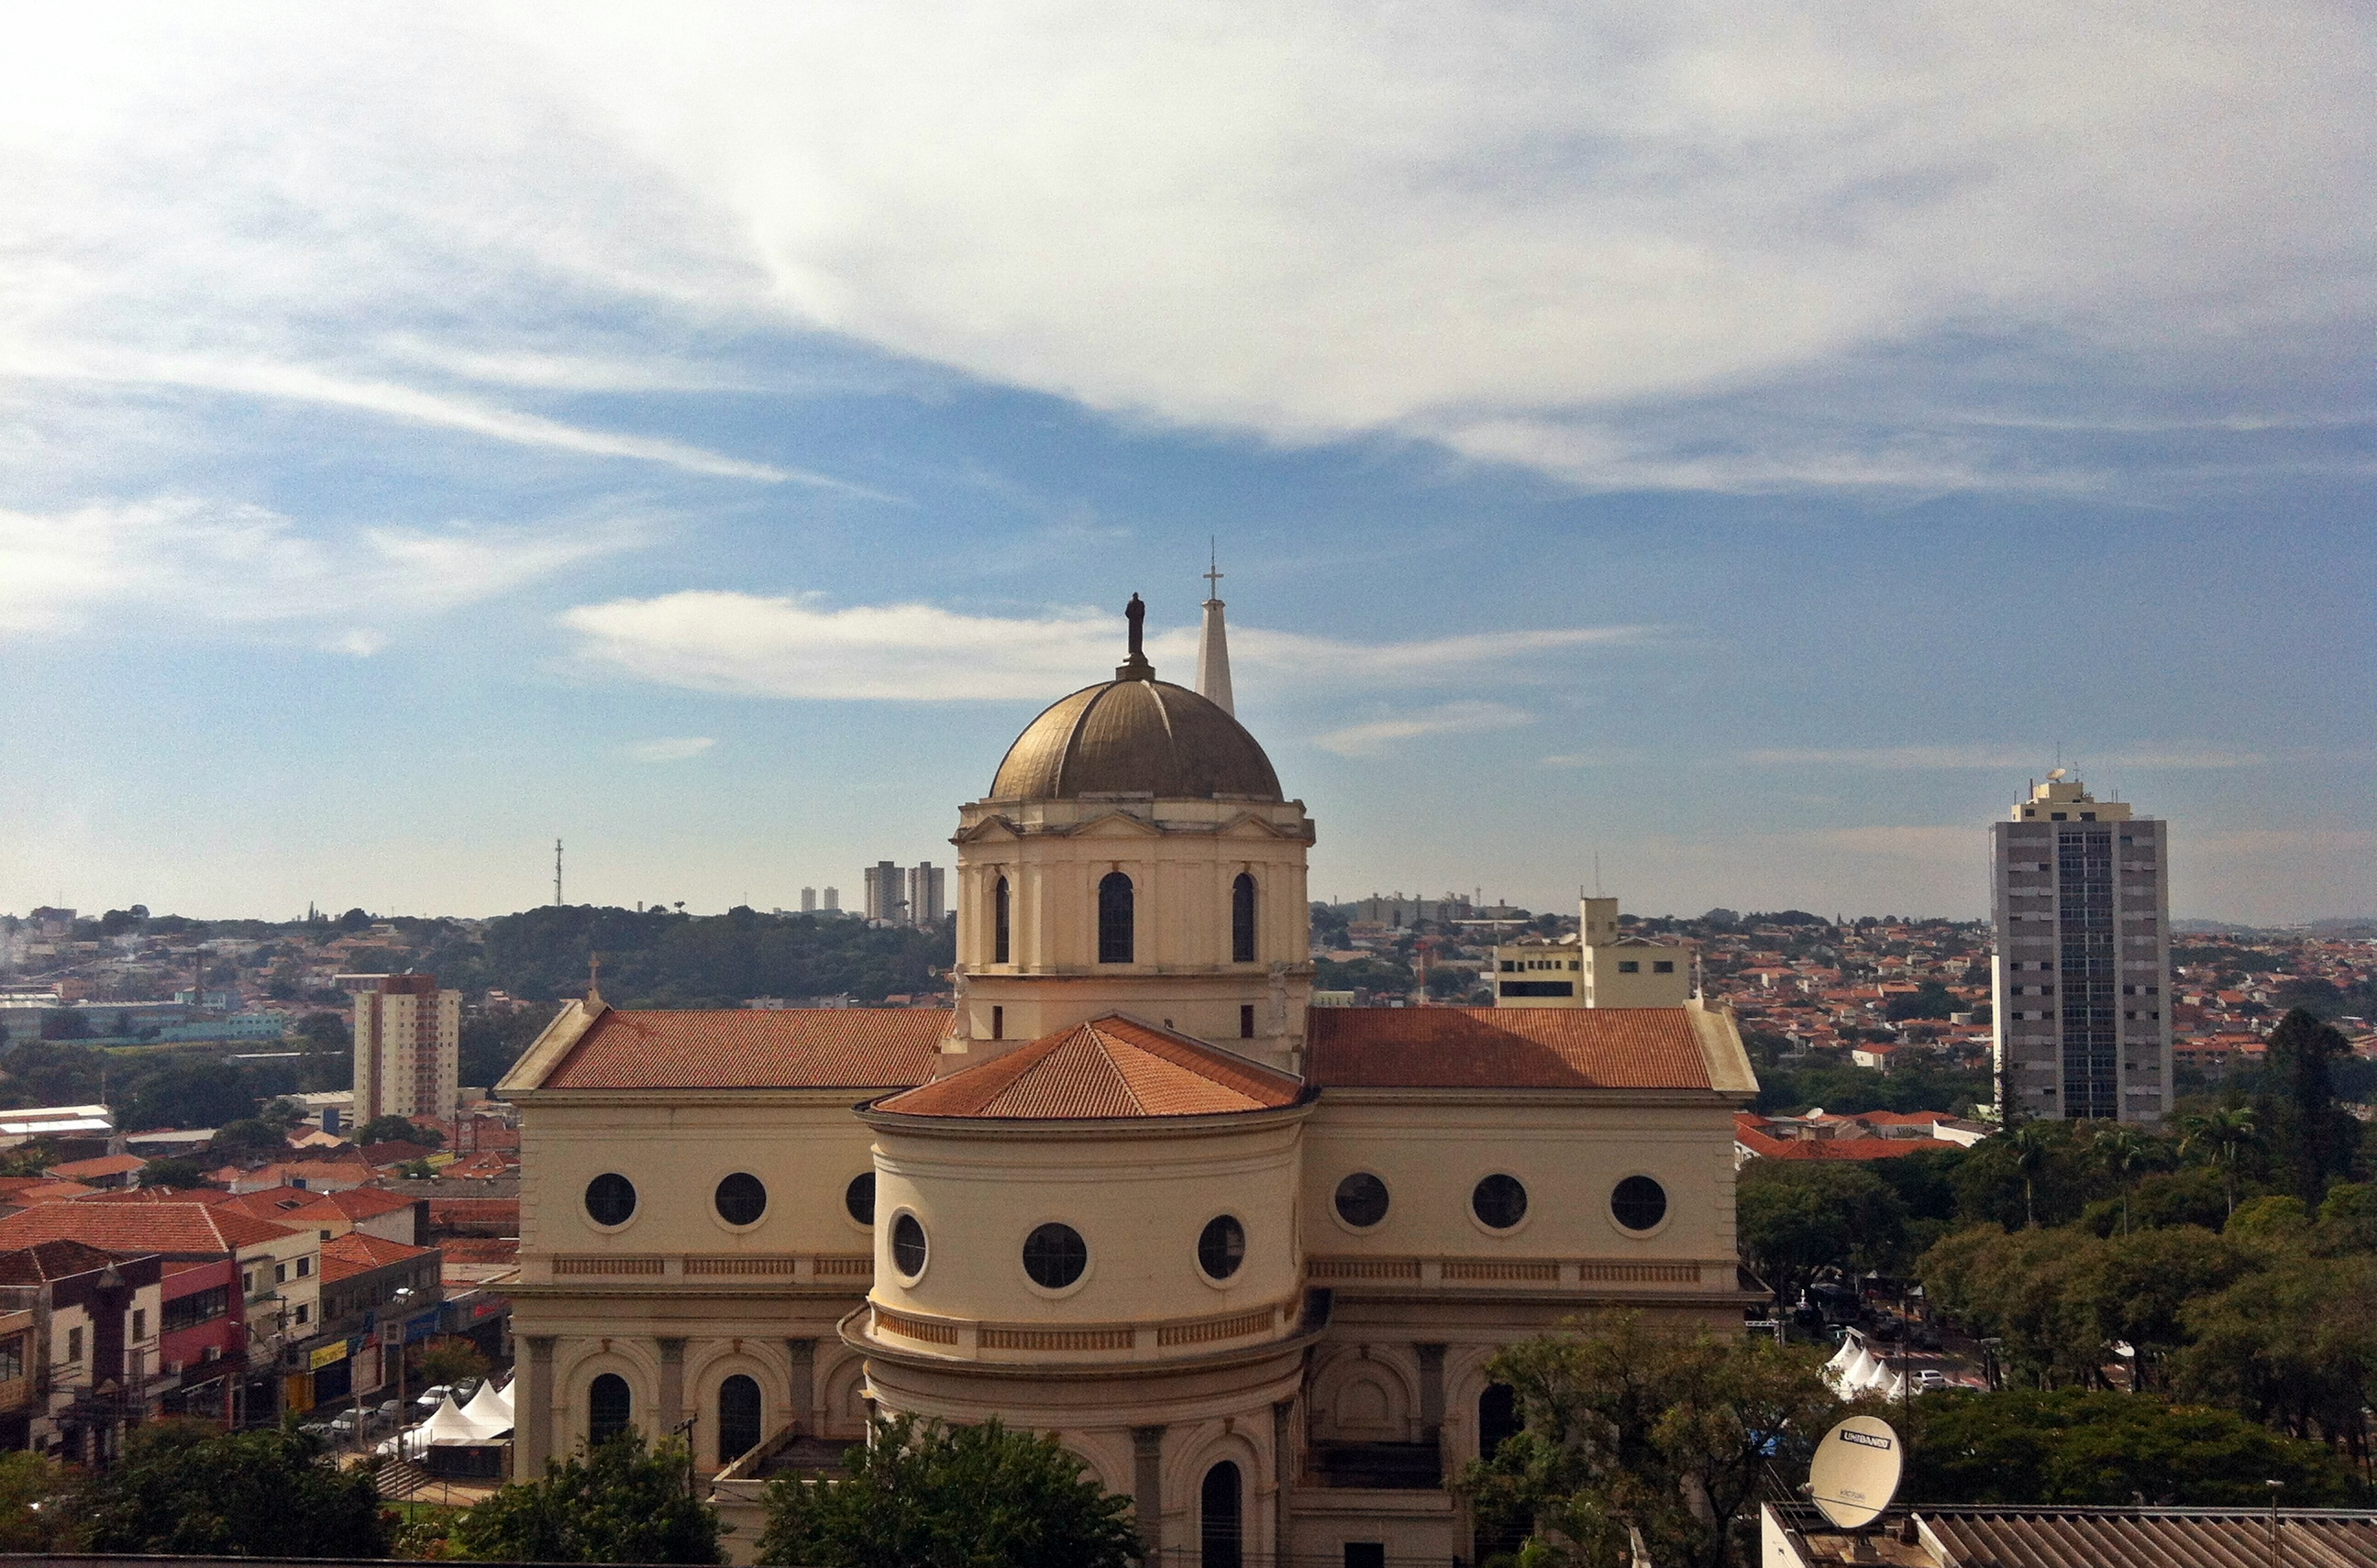 Vista da região central da cidade com destaque para a Basílica Santuário de  Santo Antônio de cbe7fa967517c